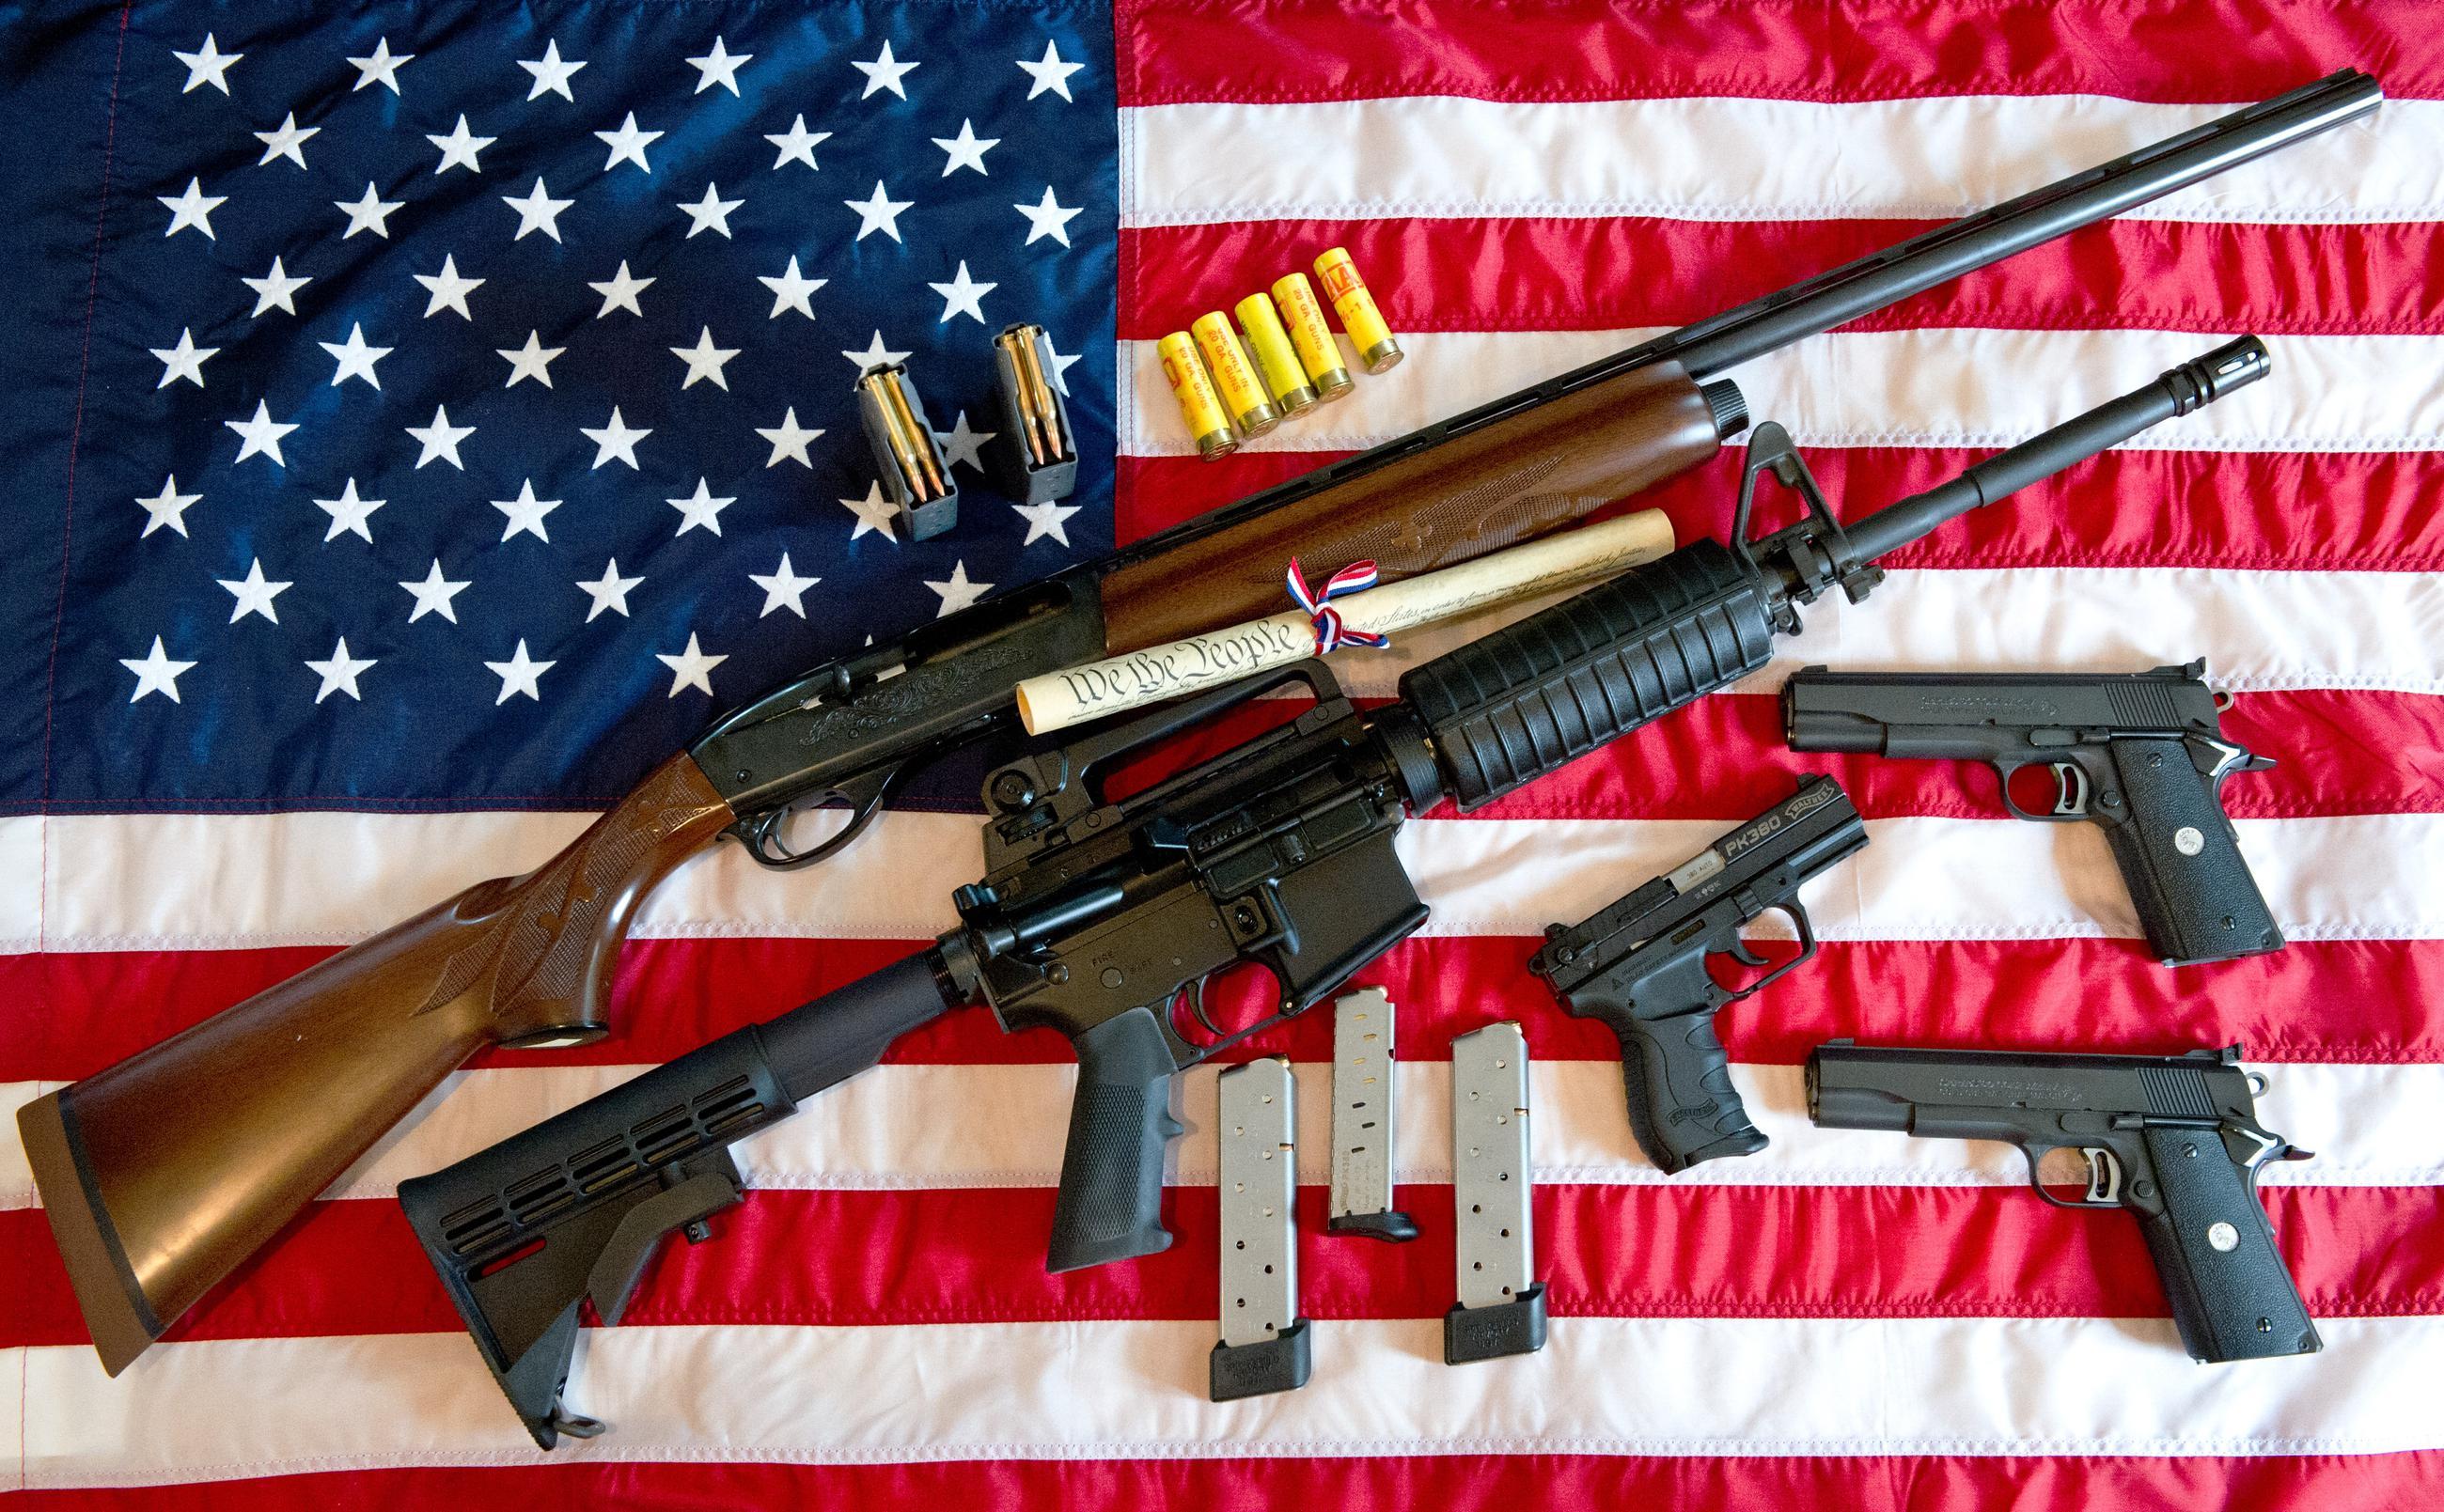 Idaho Has Declared It Won't Obey New Federal Gun Laws